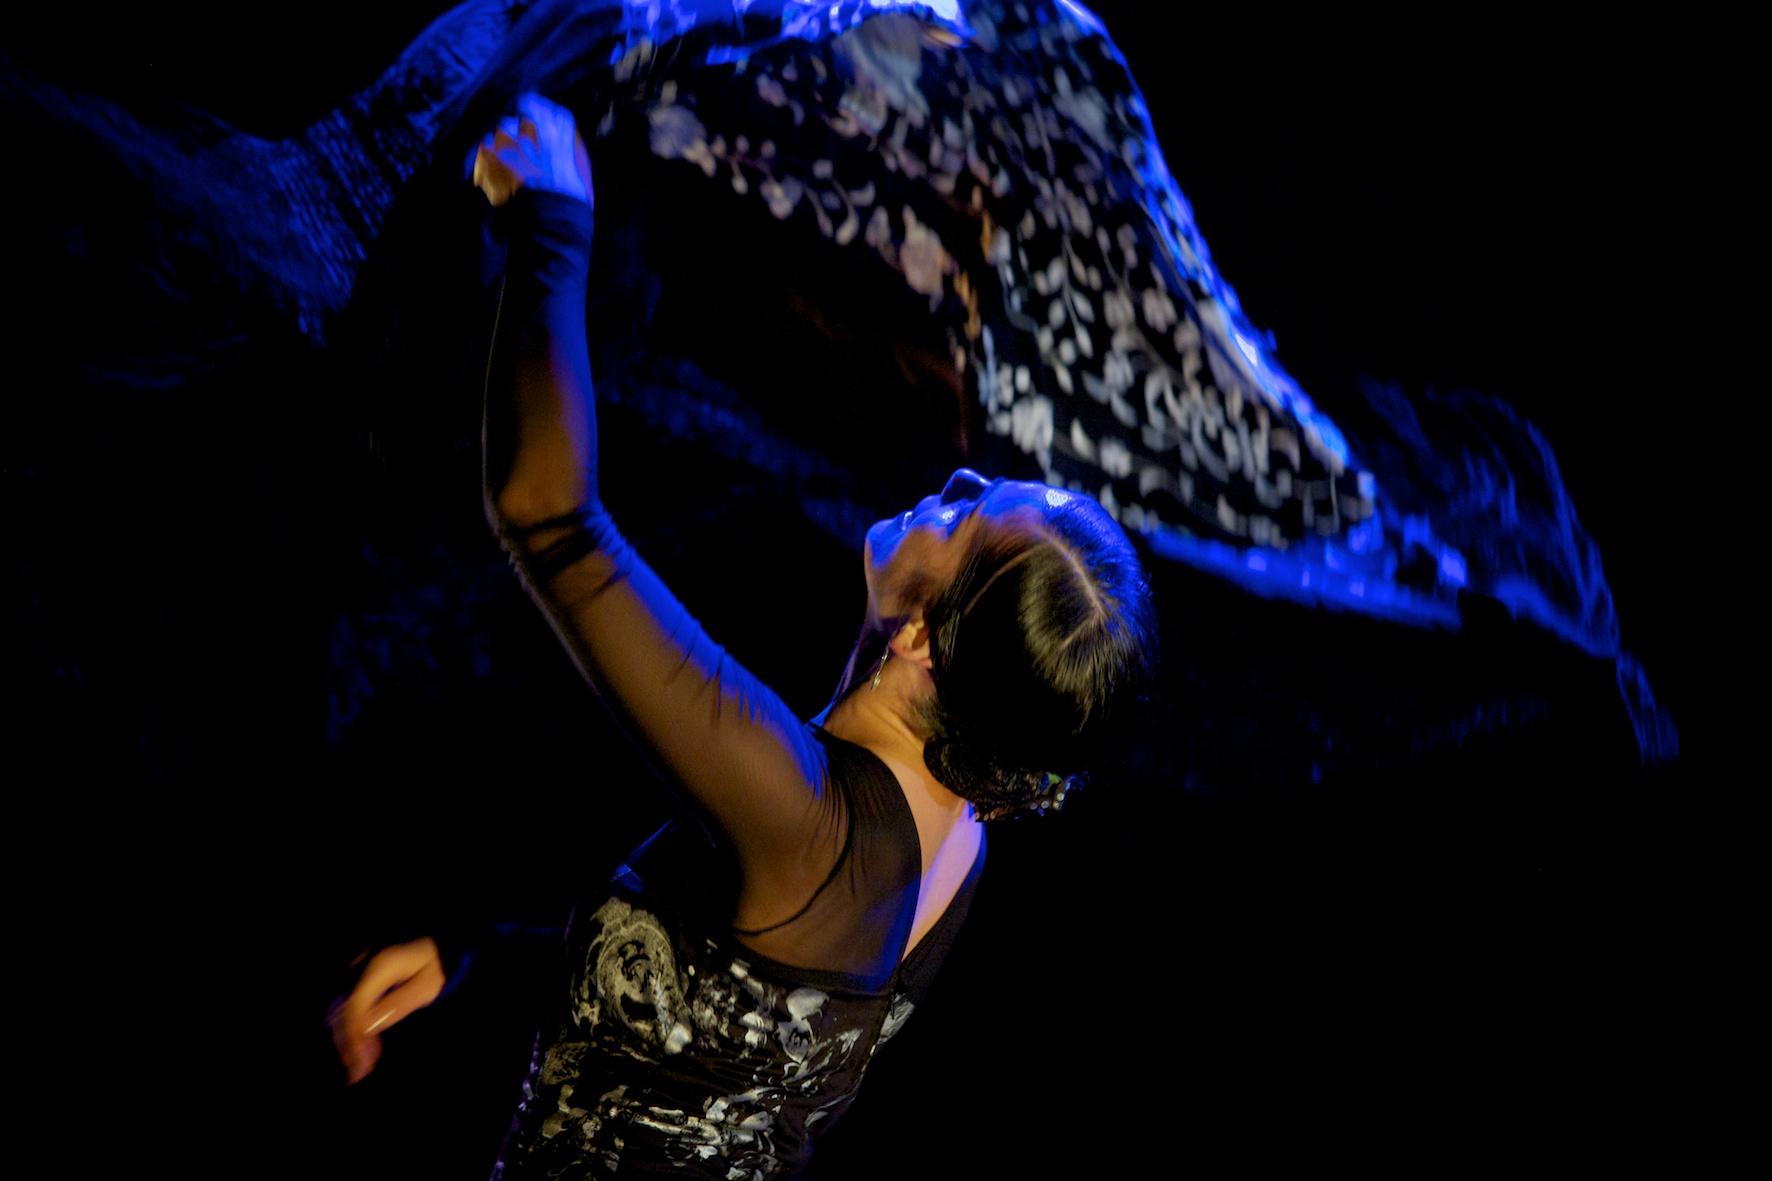 307 2011-10-30Al alba Praha.jpg